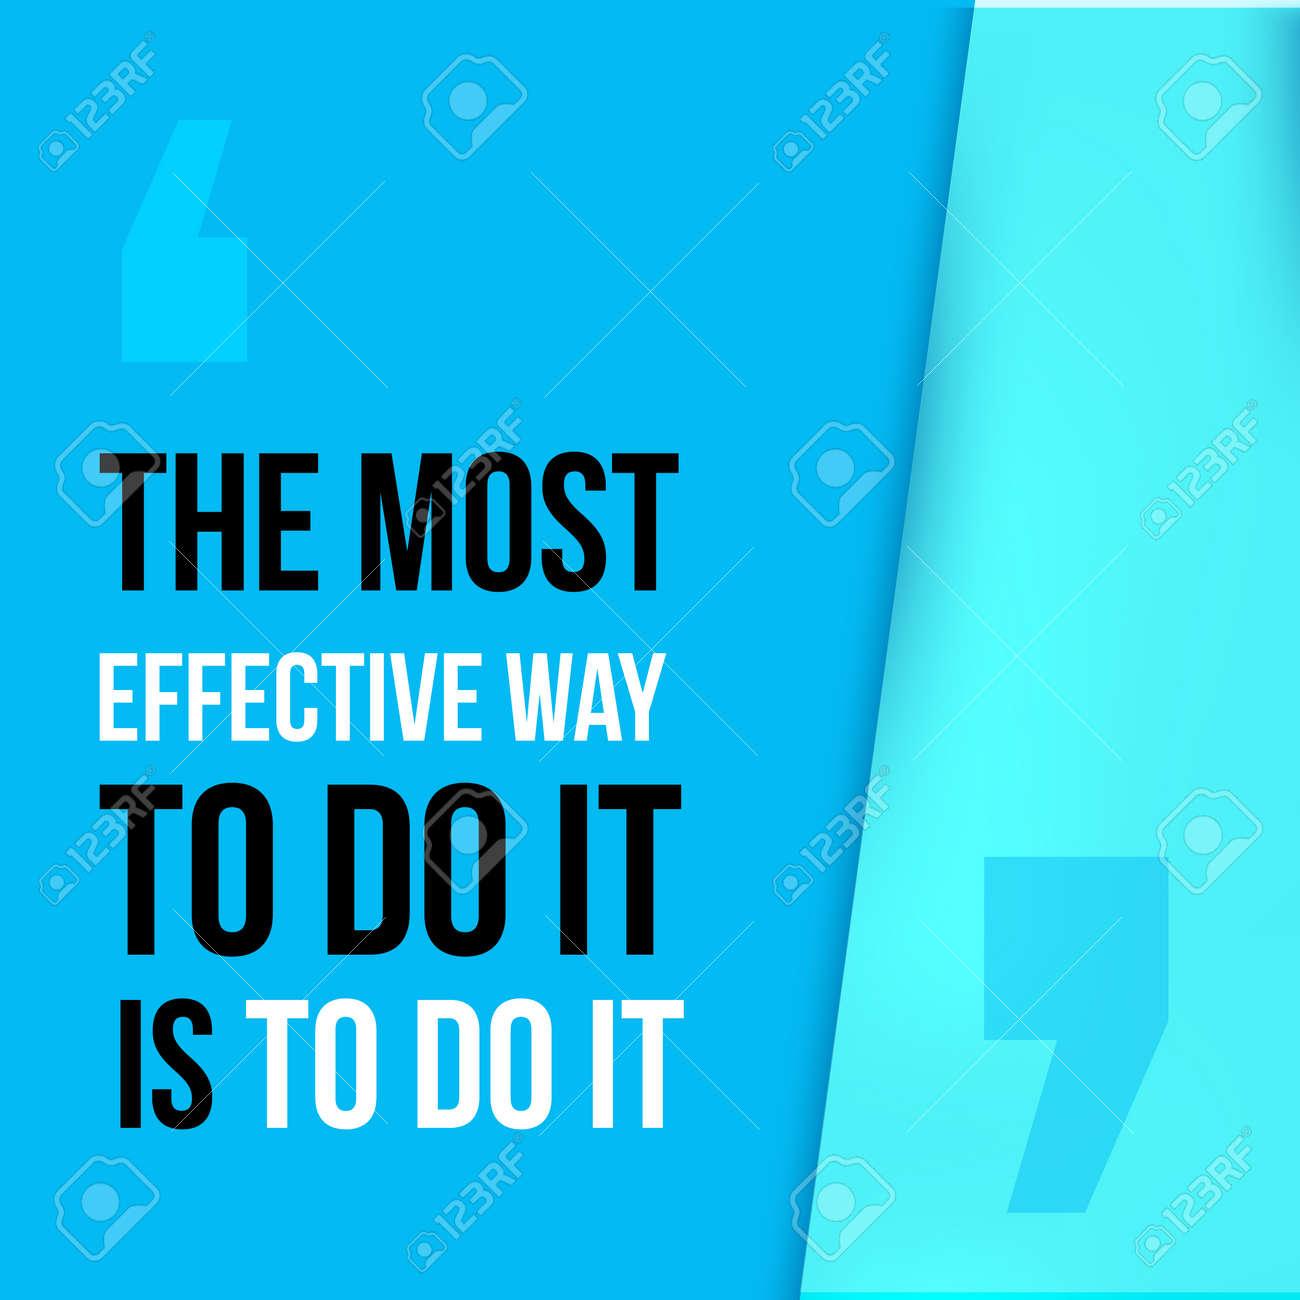 La Façon La Plus Efficace De Le Faire Est De Le Faire Atteindre L Objectif La Réussite En Affaires Citation De Motivation Fond De Typographie